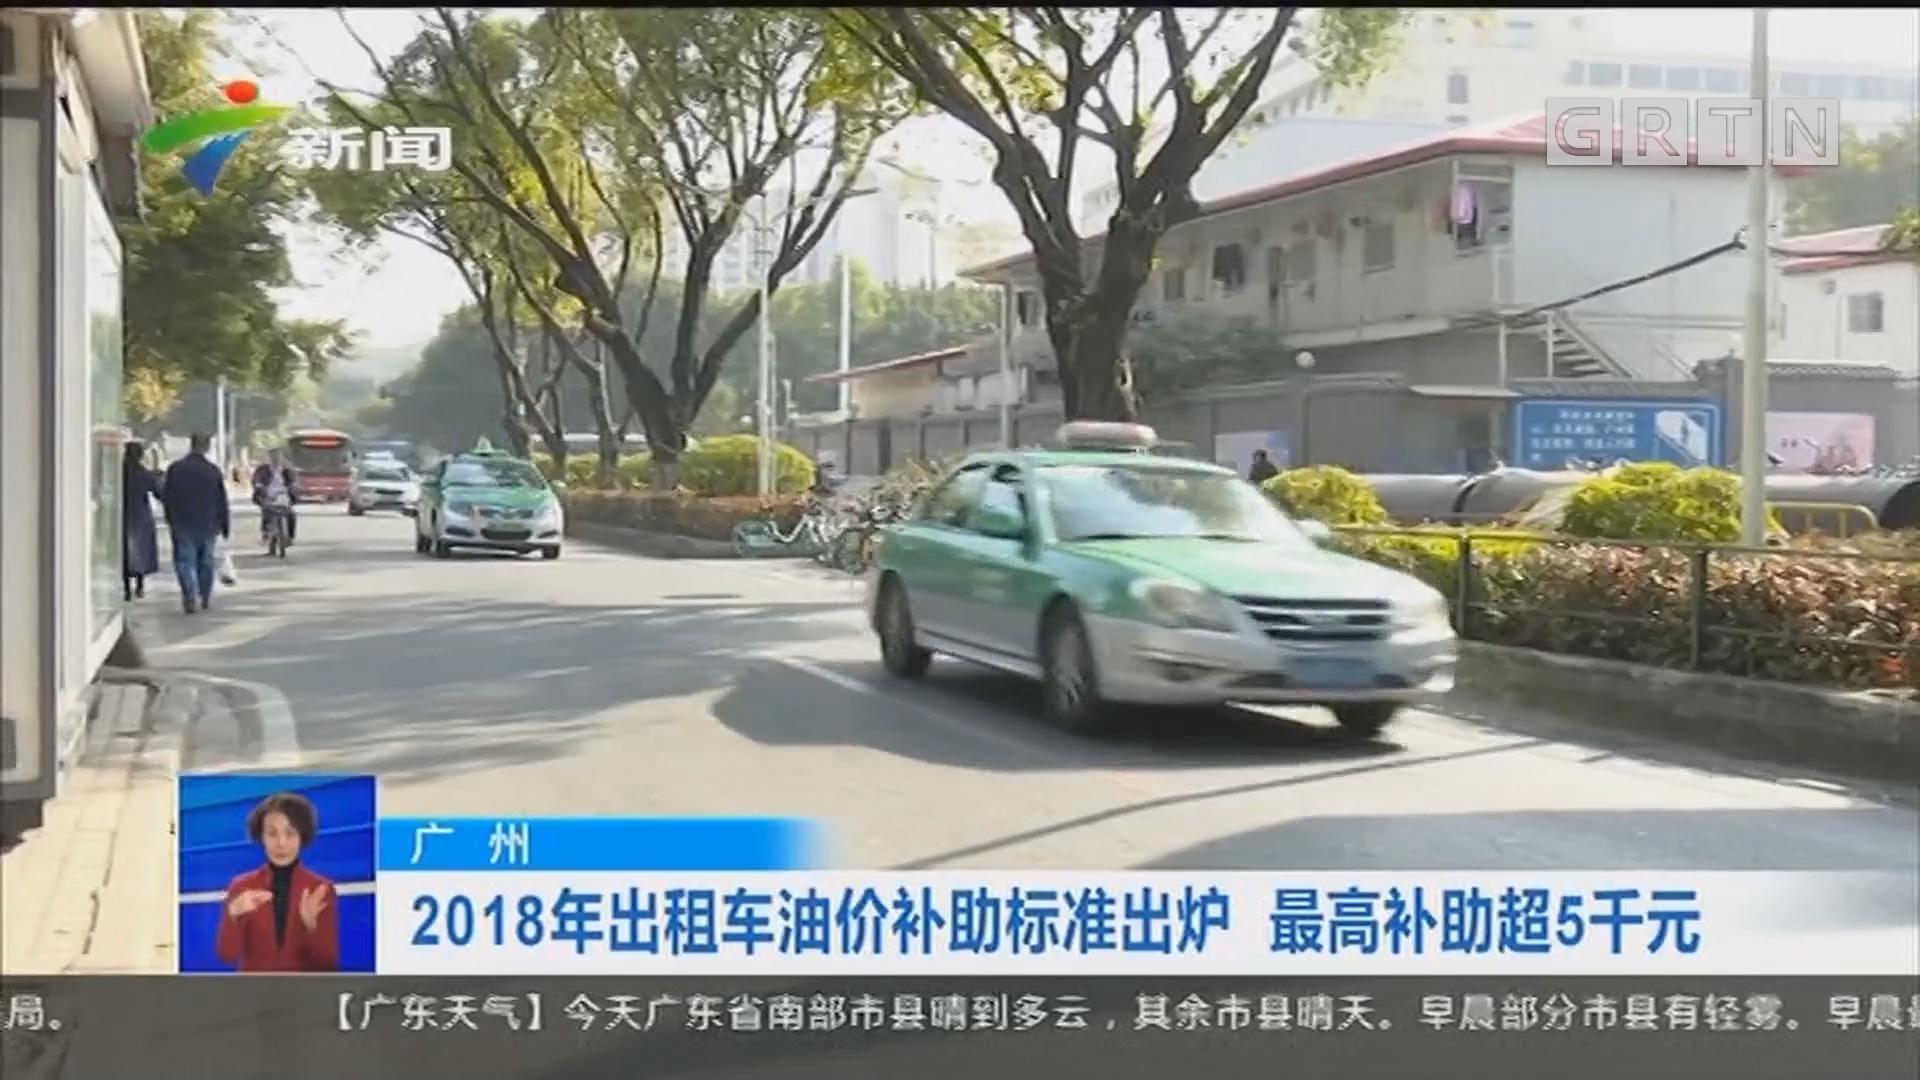 广州 2018年出租车油价补助标准出炉 最高补助超5千元